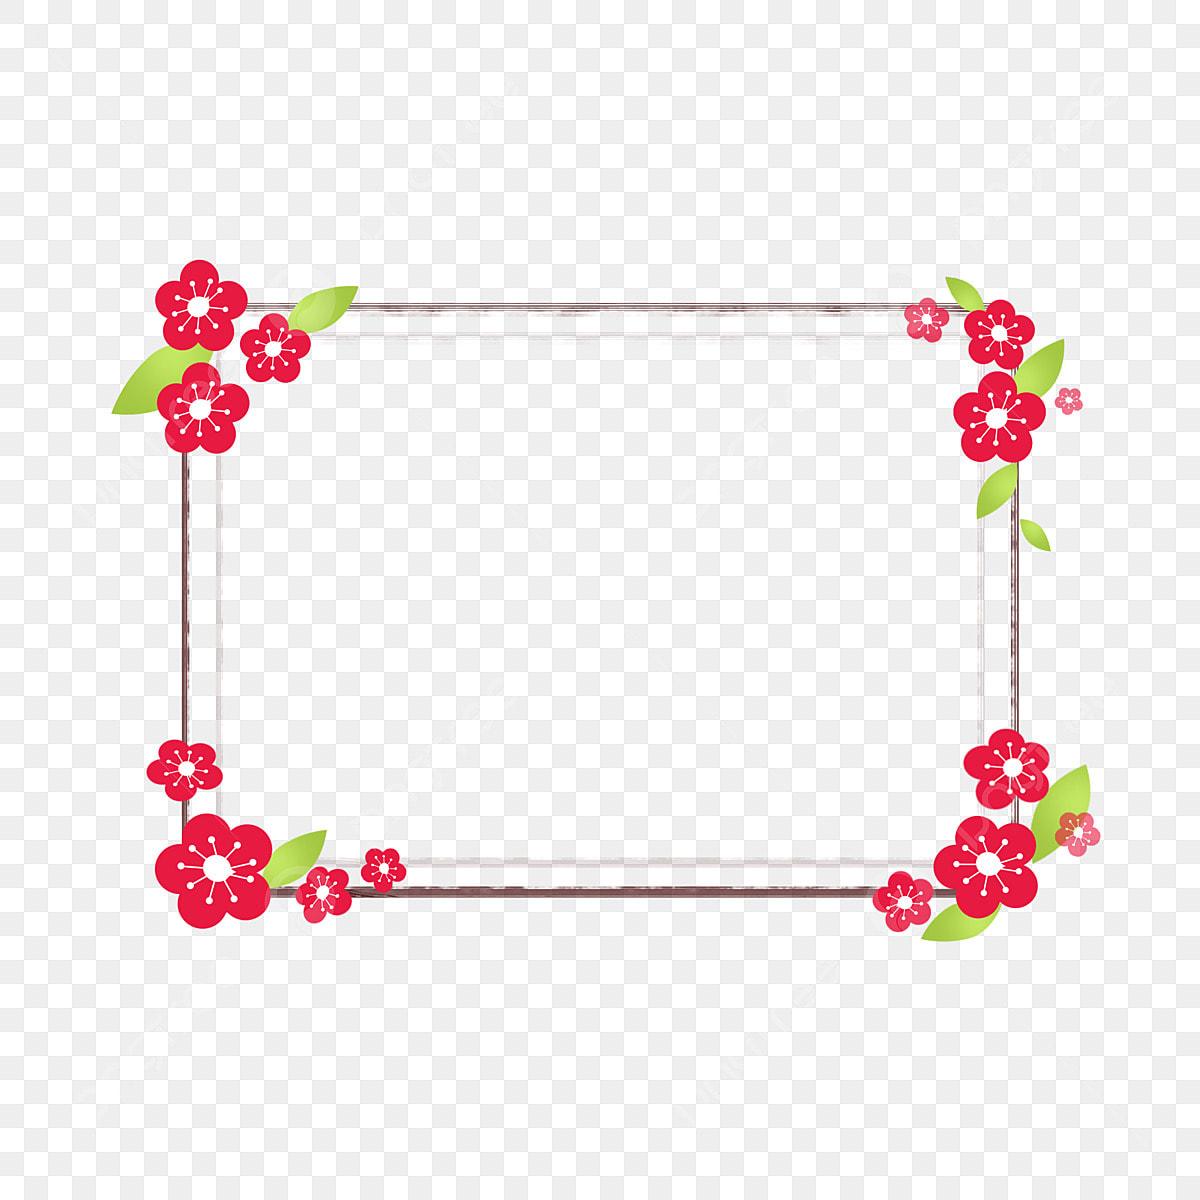 Dessin Animé Plante Fleur Fleur Cerisier Fleurs Frontière